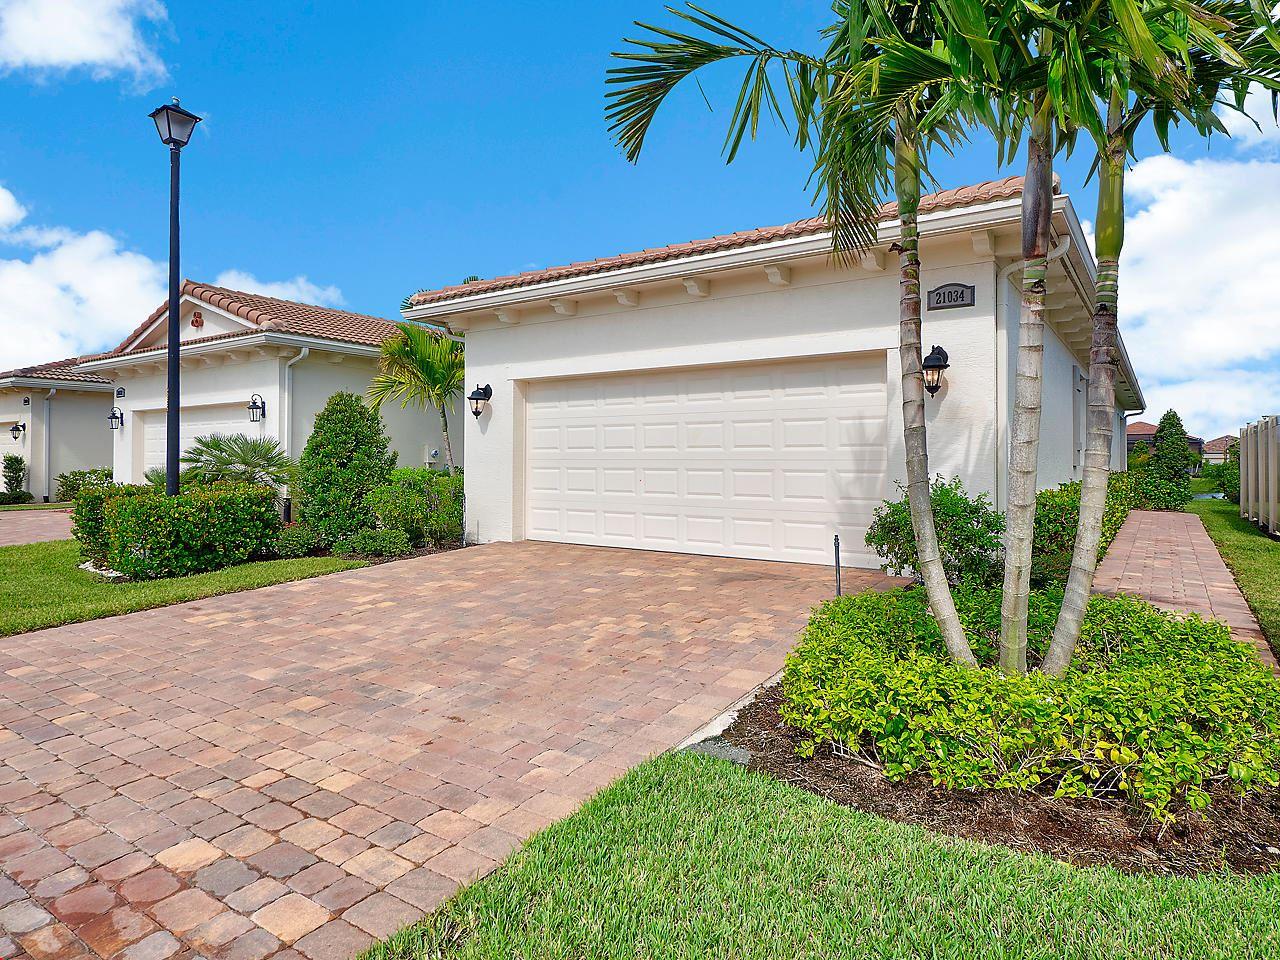 Photo of 21034 SW Modena Way, Port Saint Lucie, FL 34986 (MLS # RX-10656256)